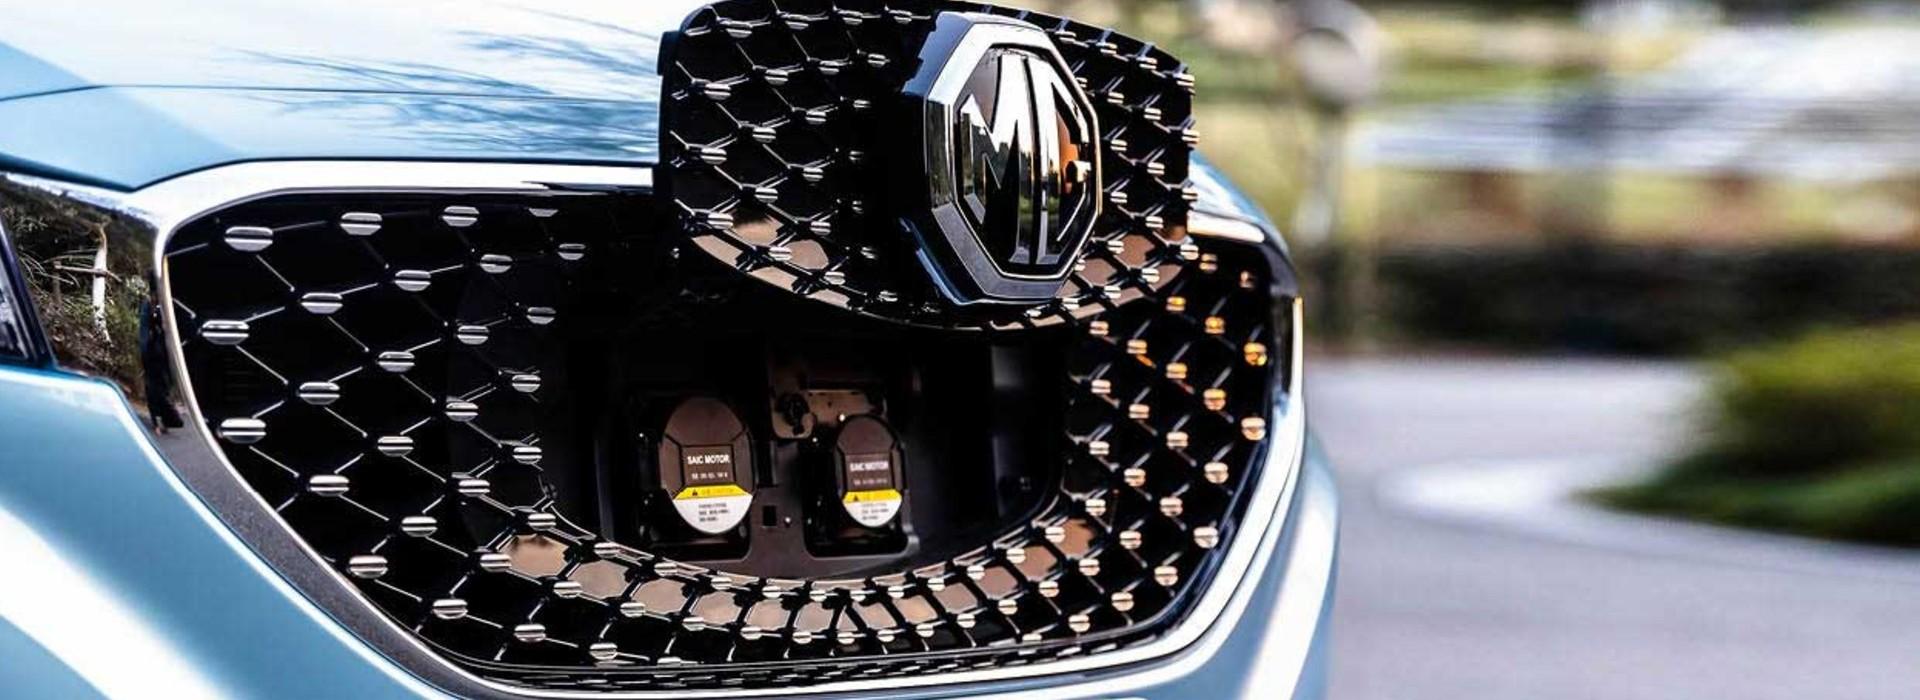 פתח טעינה רכב חשמלי